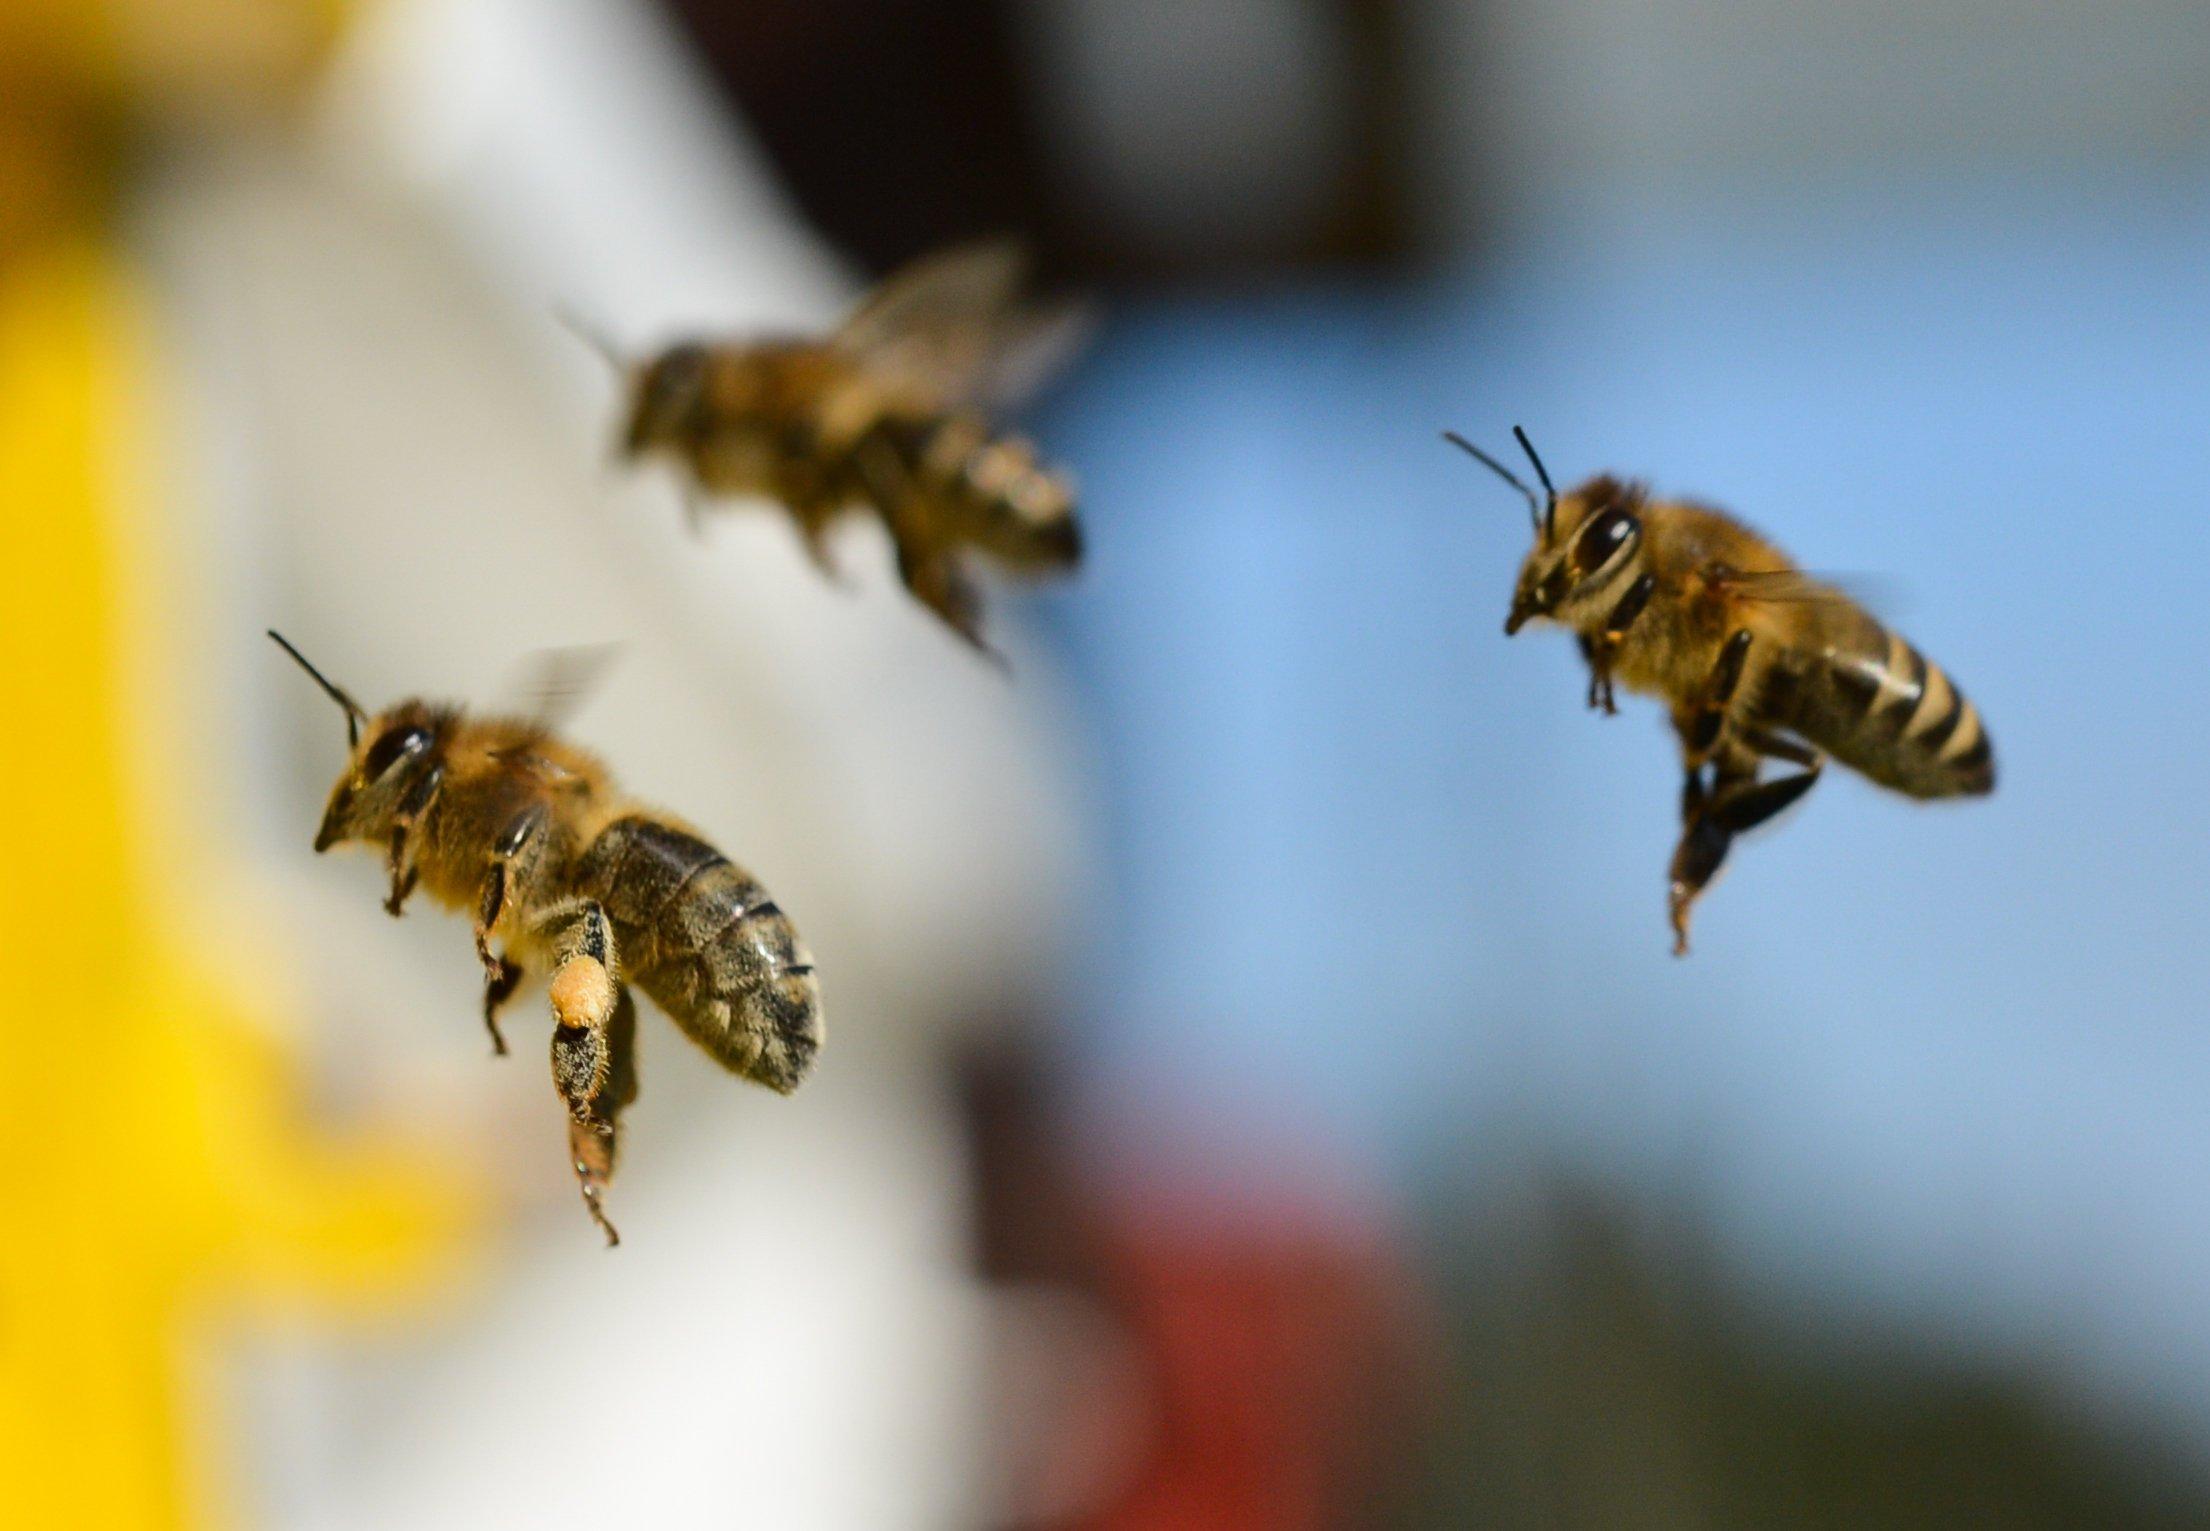 In Großbritannien gehen Bienen derzeit in die Schule. Sie sollen lernen, dass es sich lohnt Erdbeerpflanzen zu bestäuben – und dies dann tun.